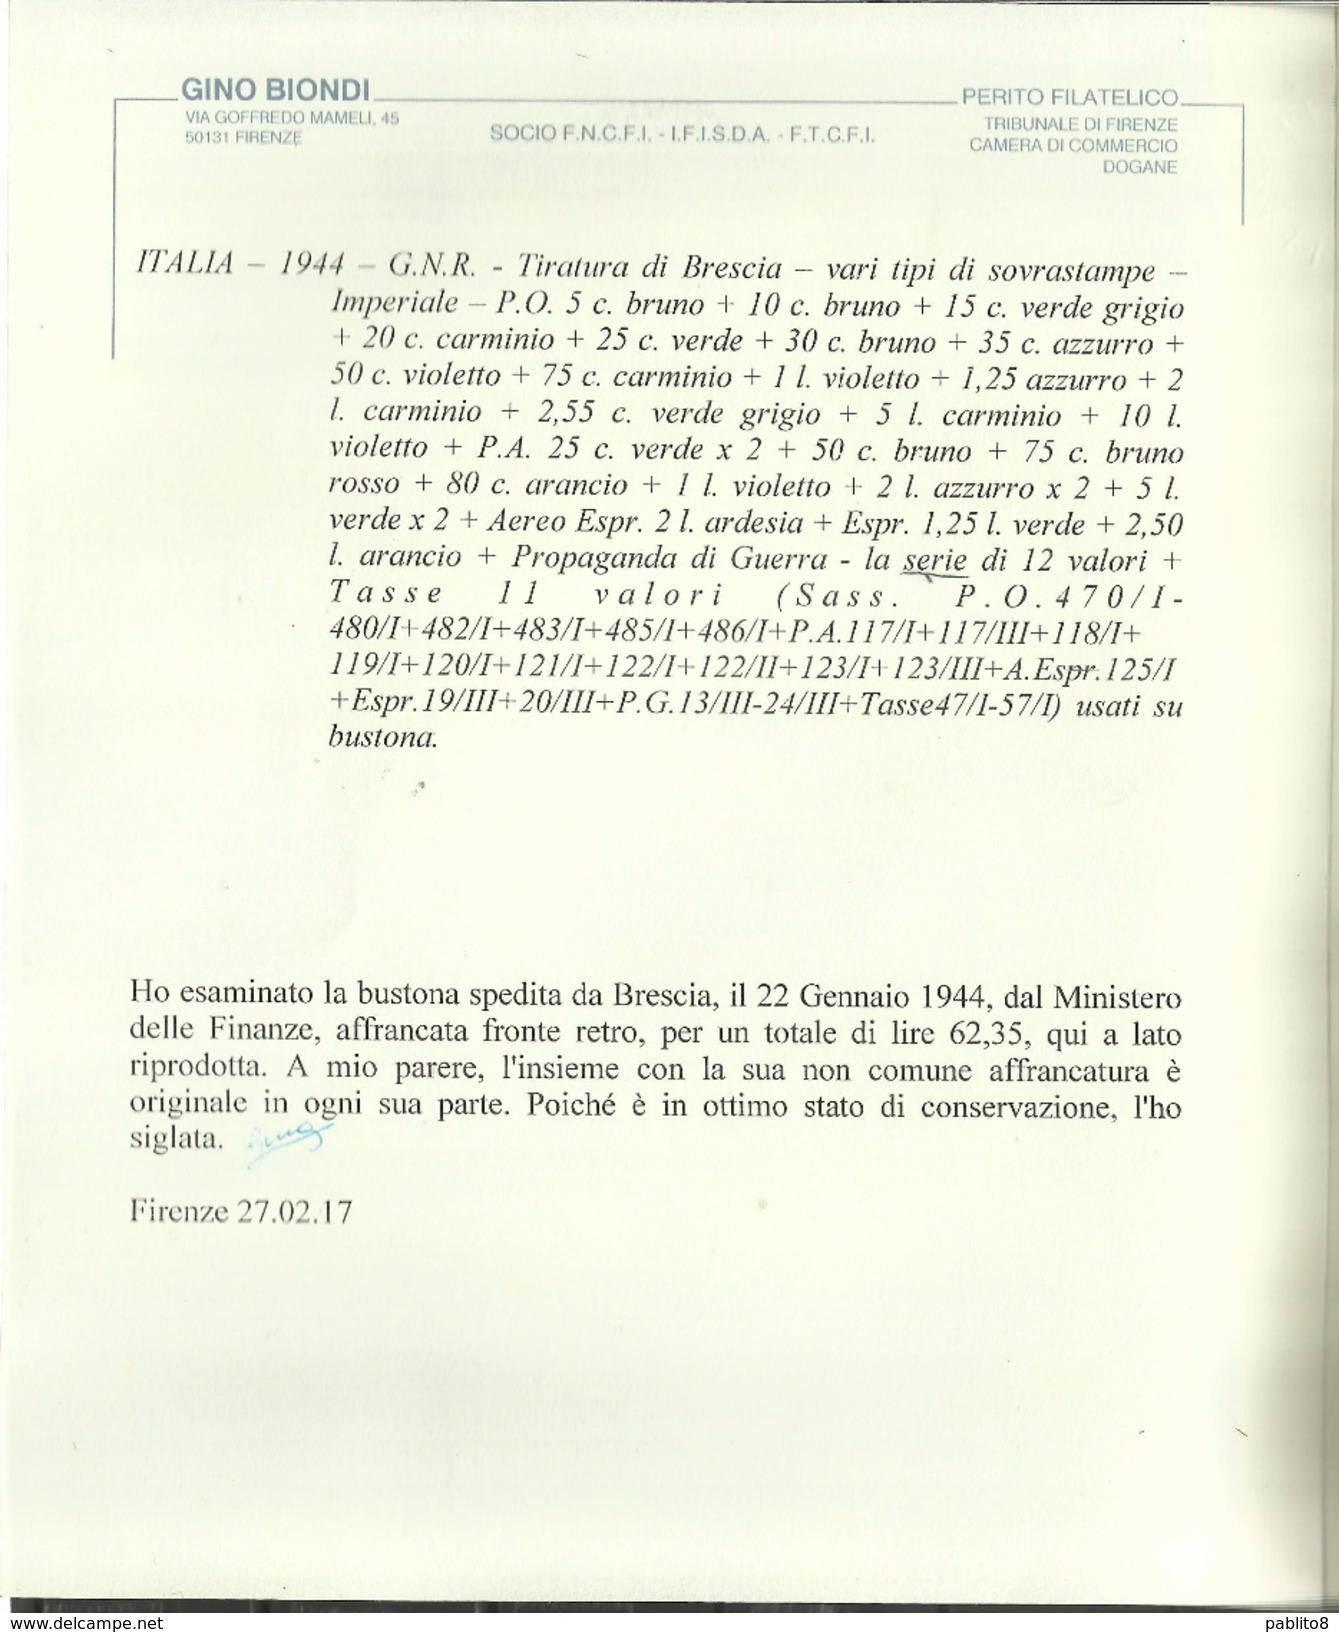 ITALIA REGNO REPUBBLICA SOCIALE ITALY 1944 RSI GNR BRESCIA STRAORDINARIO BUSTONE COVER BUSTA CERTIFICATO - Vari